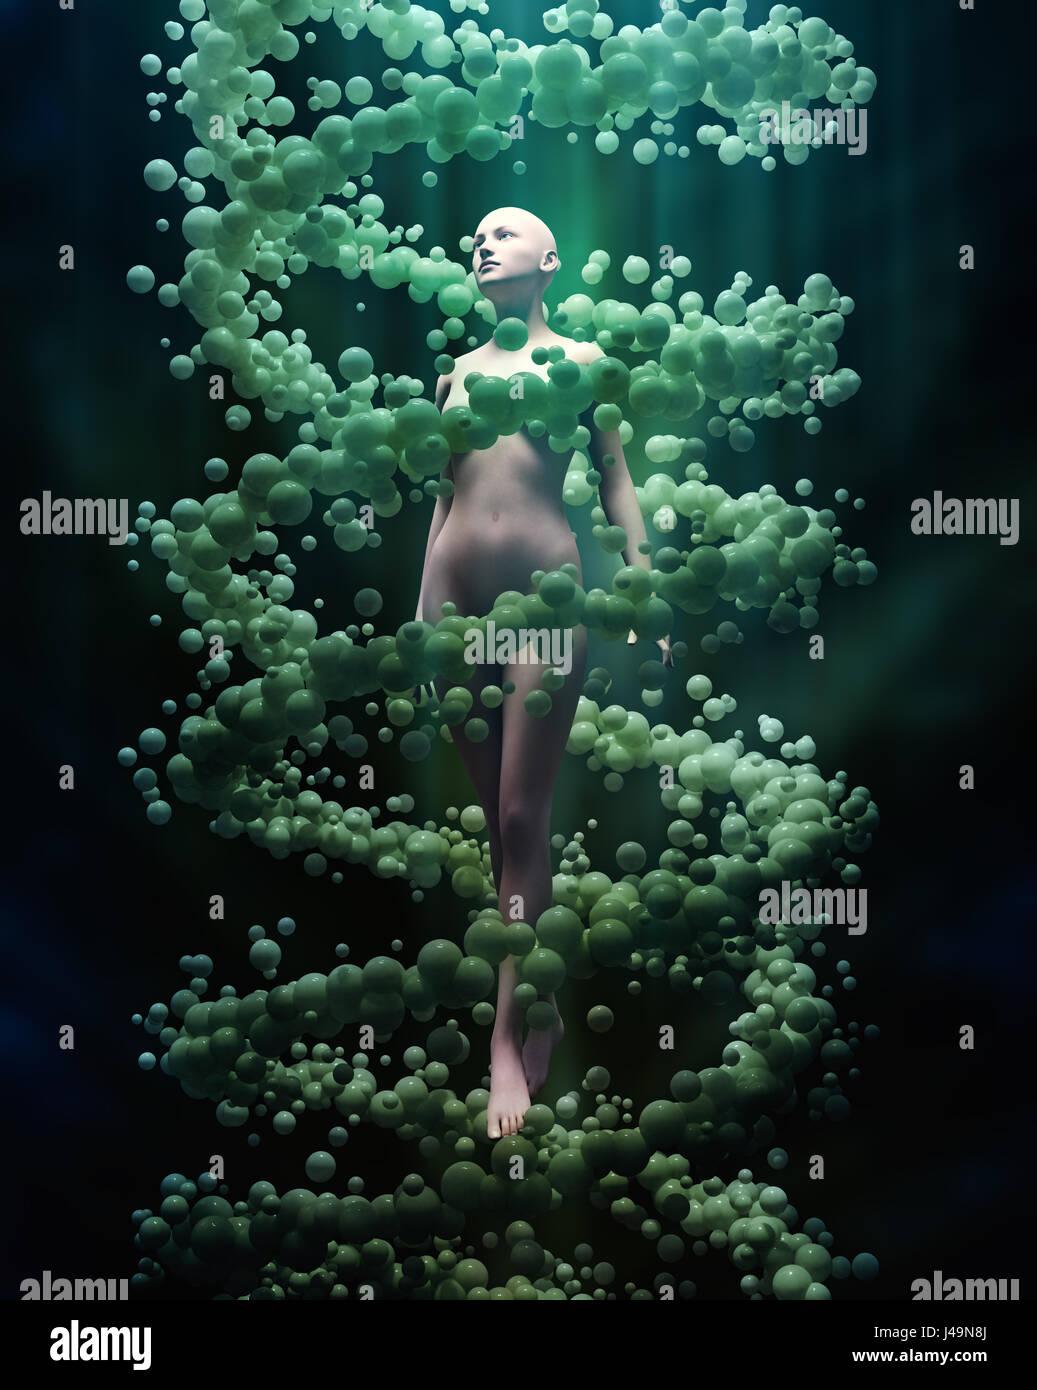 L'ADN et la génétique personnelle concept 3D illustration Banque D'Images